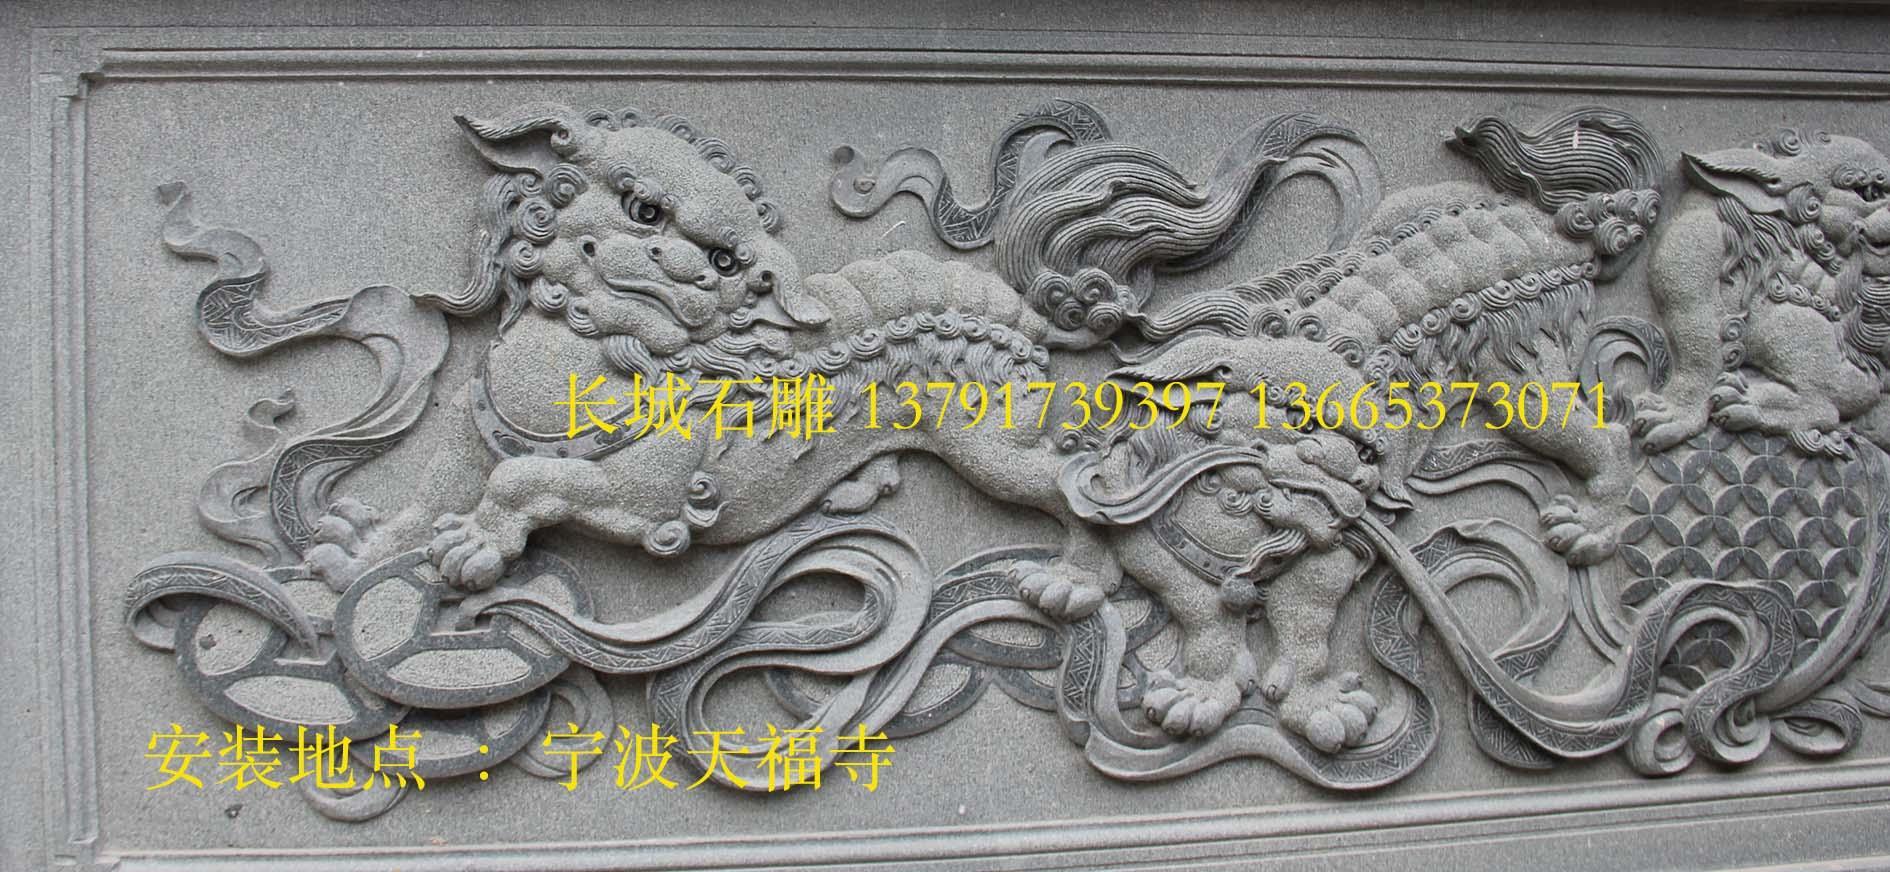 石狮子-浮雕石狮子雕刻